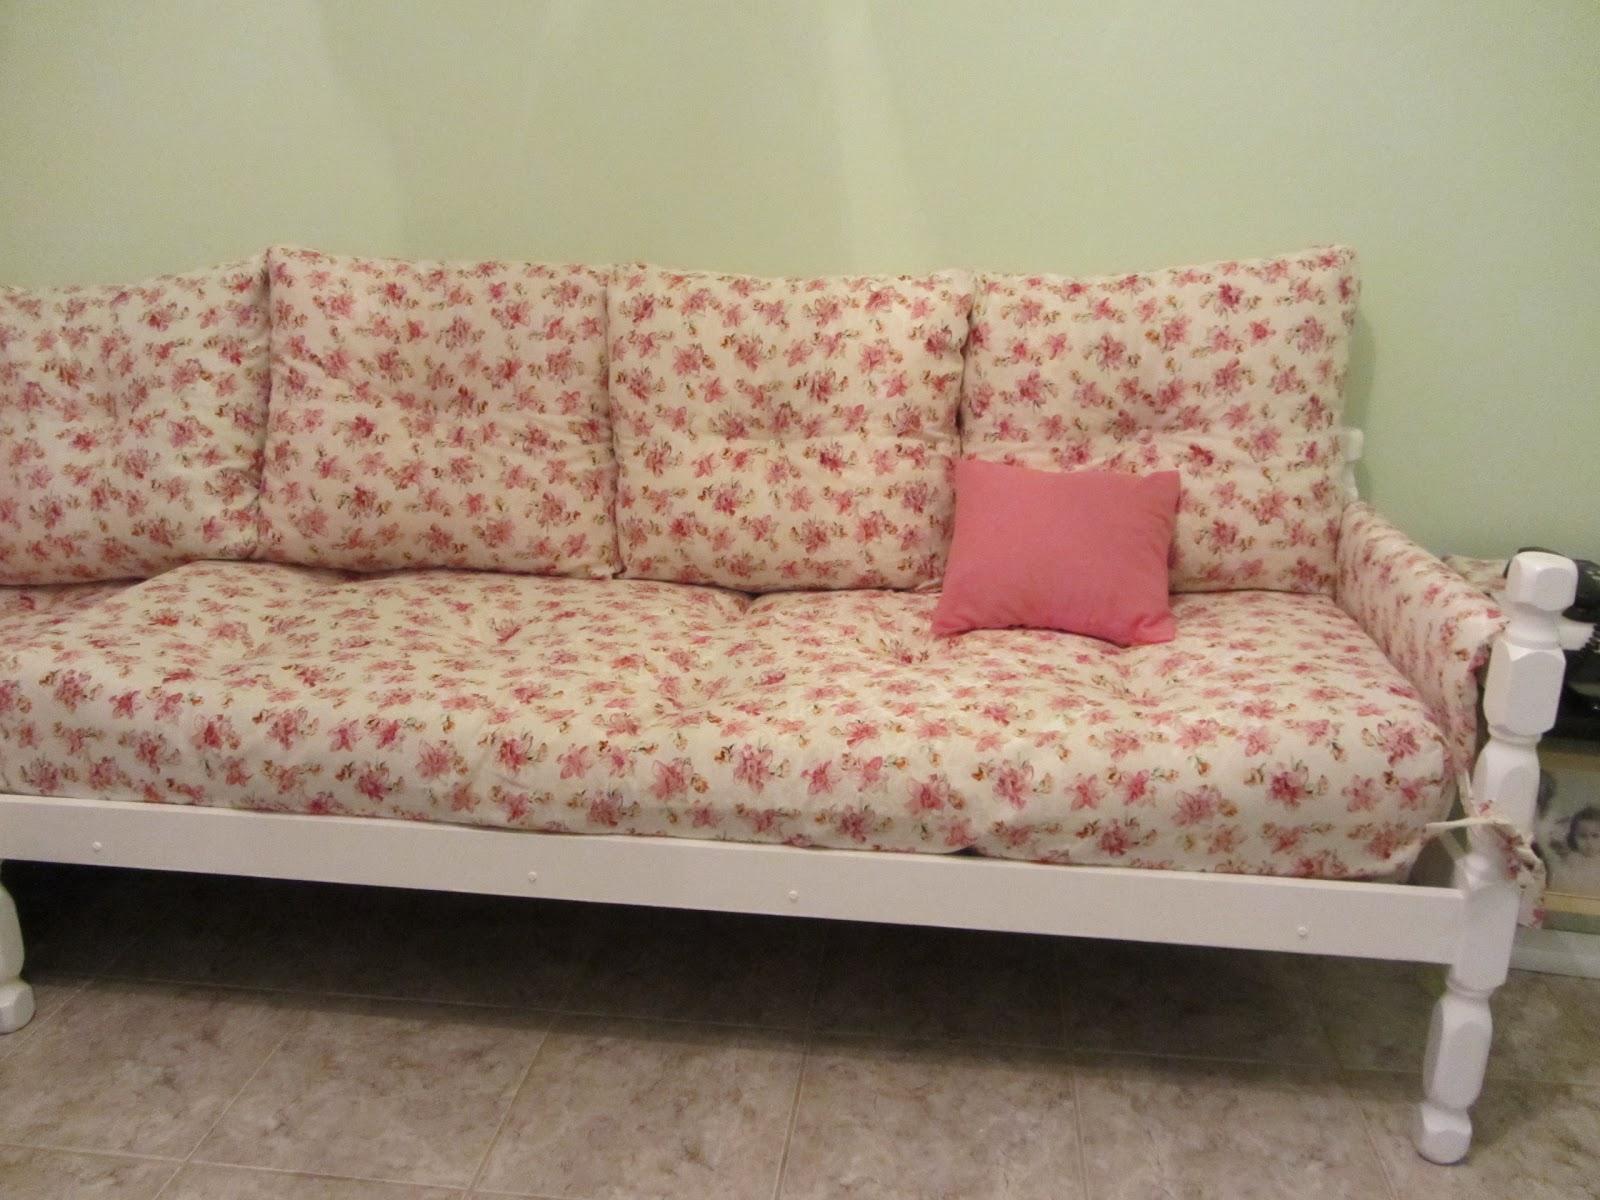 Coisas da Dê: Transformando cama em sofá #8E3D3F 1600x1200